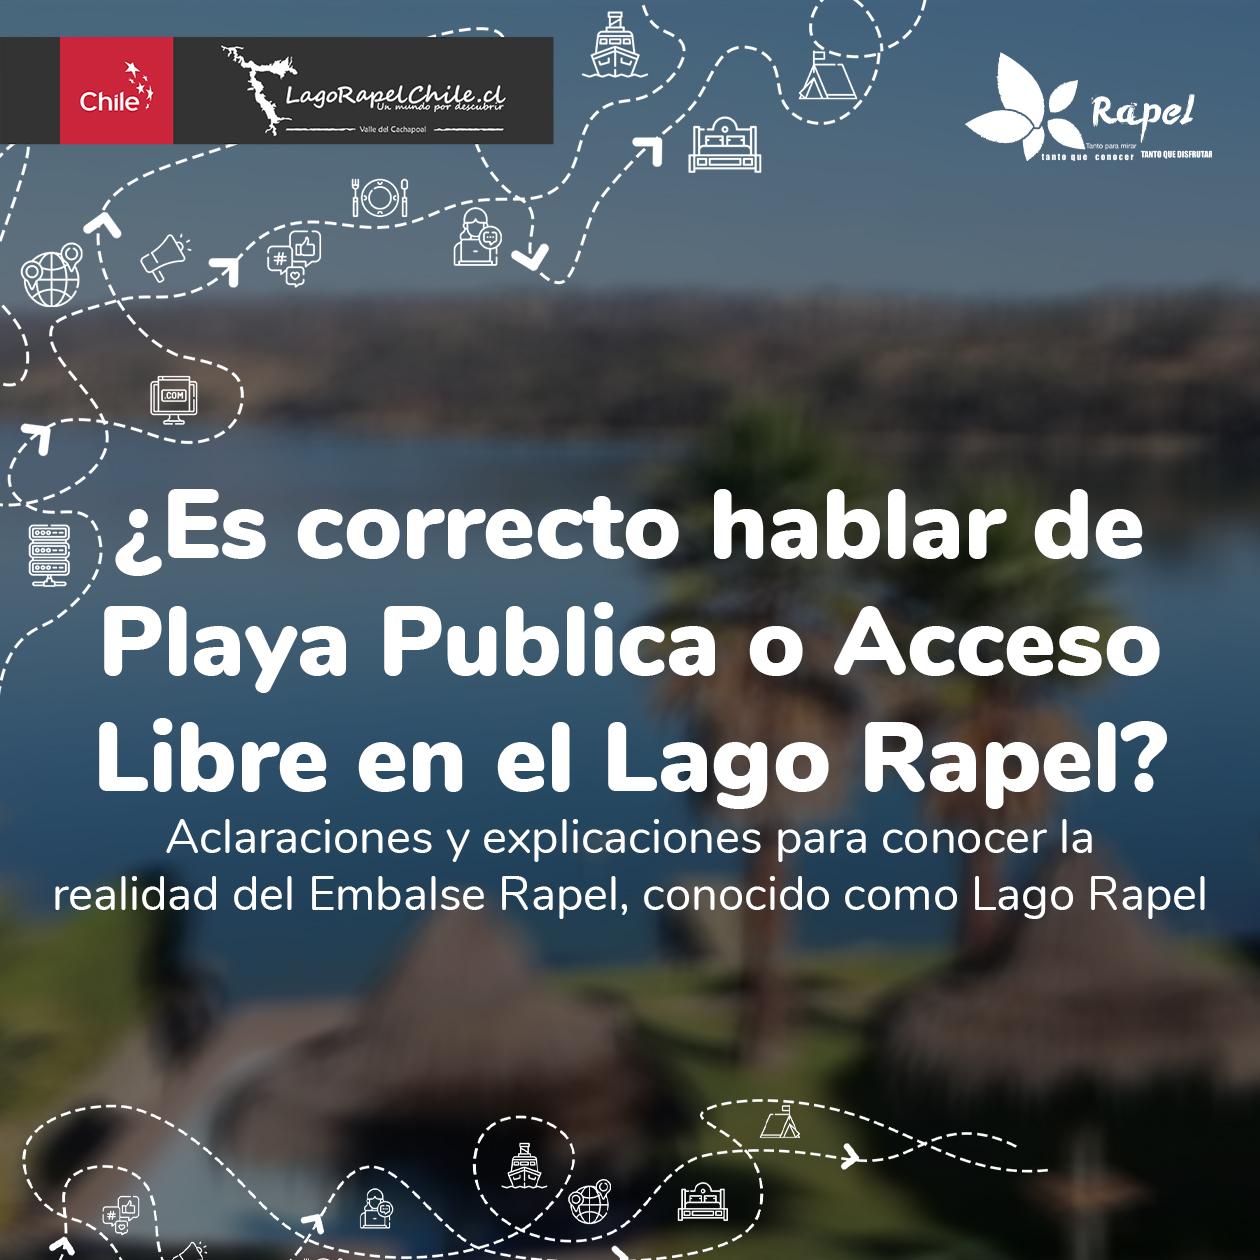 Fotografía de ¿Es correcto hablar de Playa Pública o Acceso Libre en el Lago Rapel?